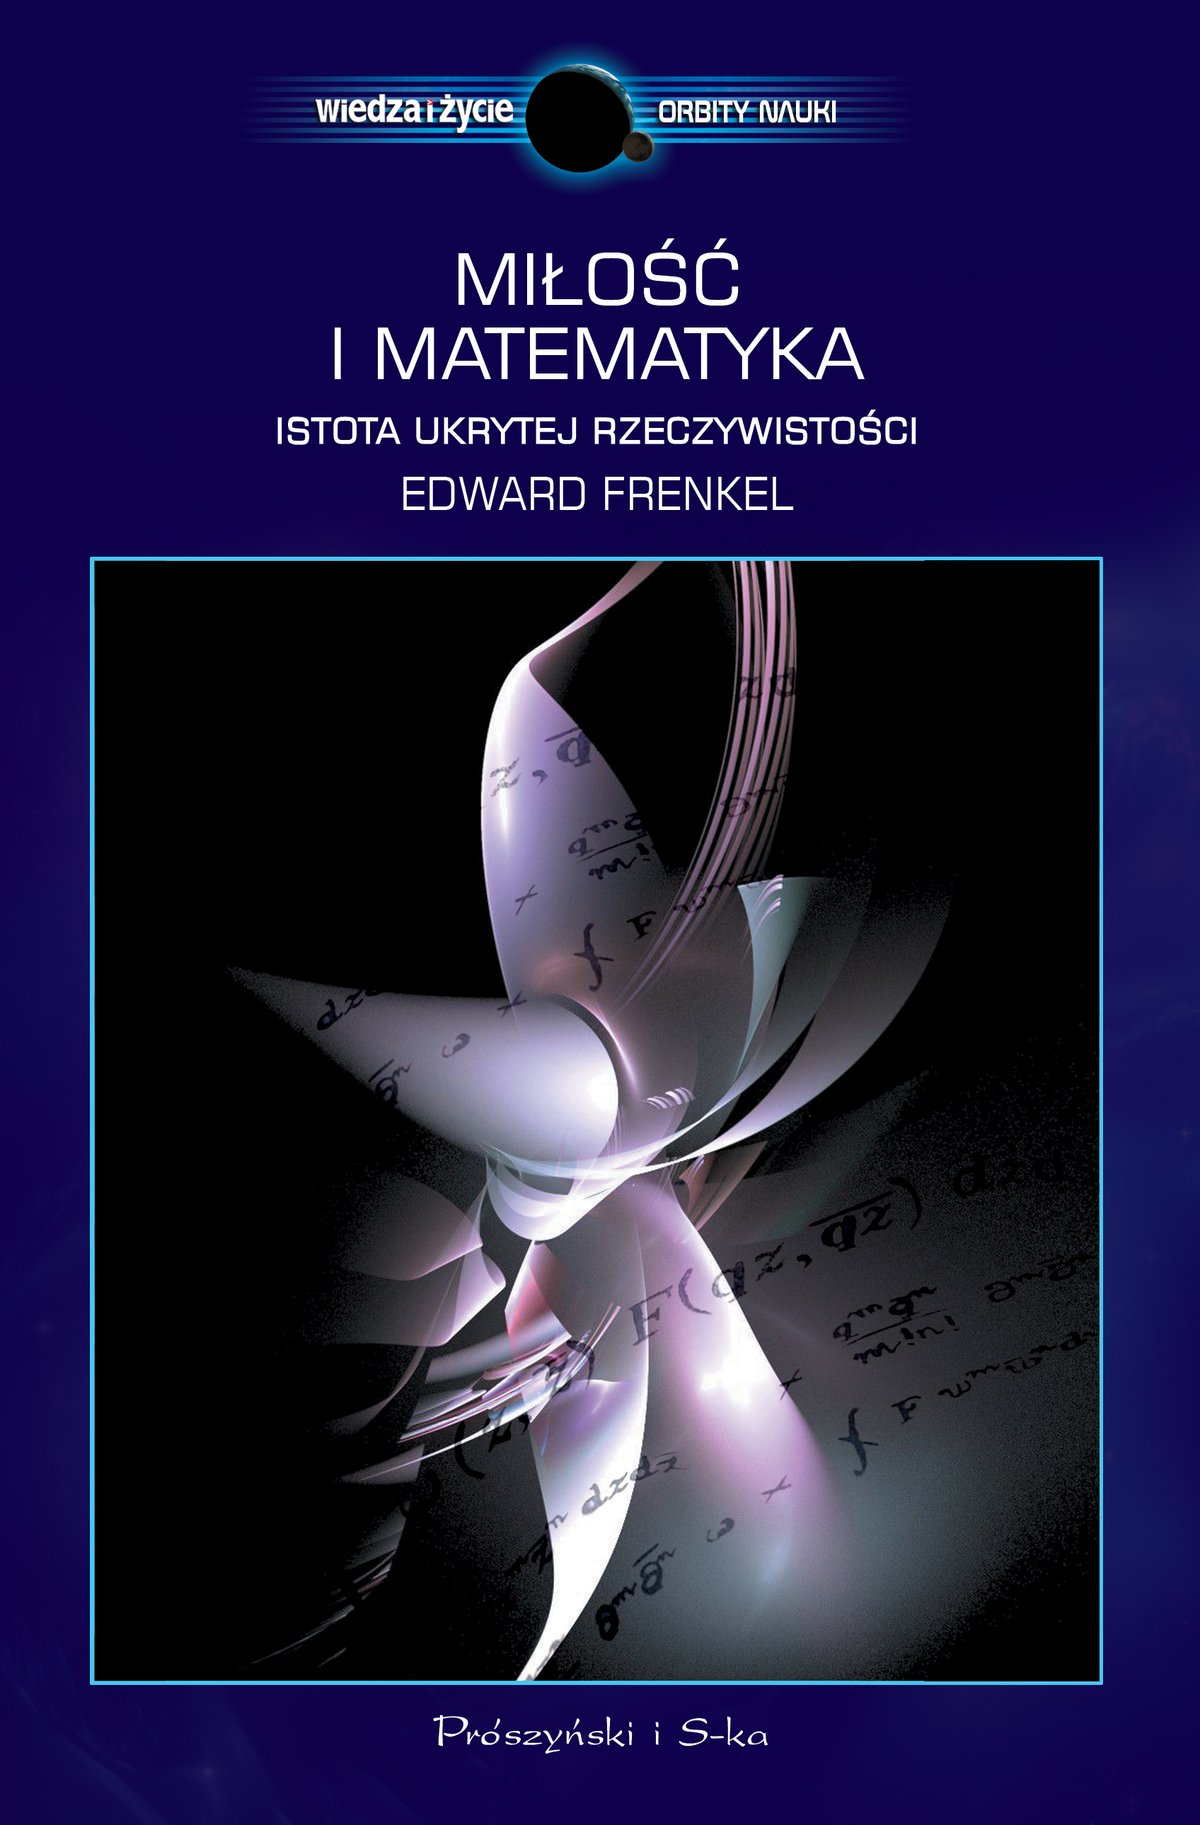 Miłość i matematyka - Ebook (Książka EPUB) do pobrania w formacie EPUB